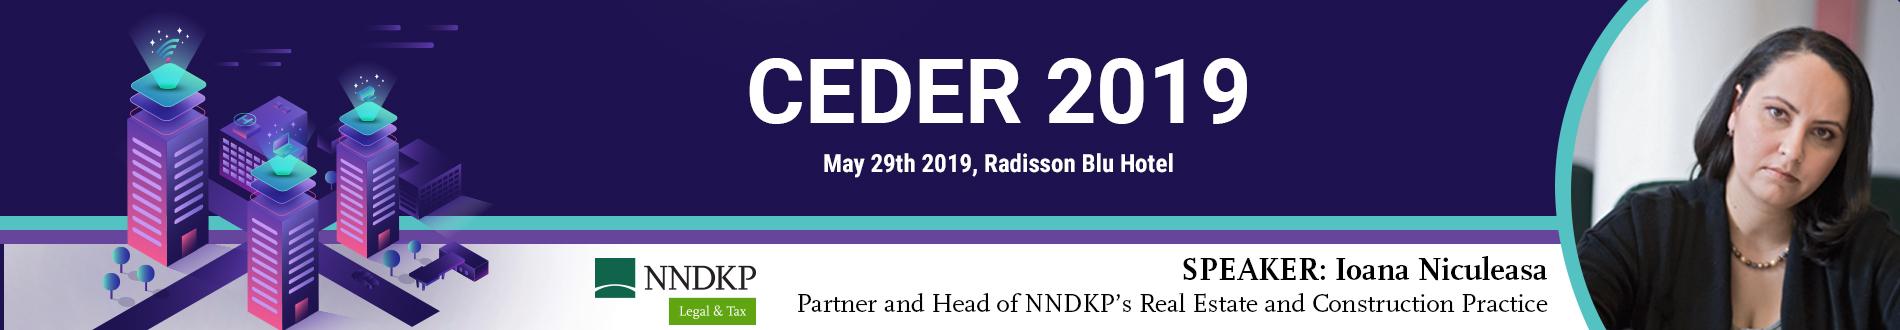 CEDER_2019_Website